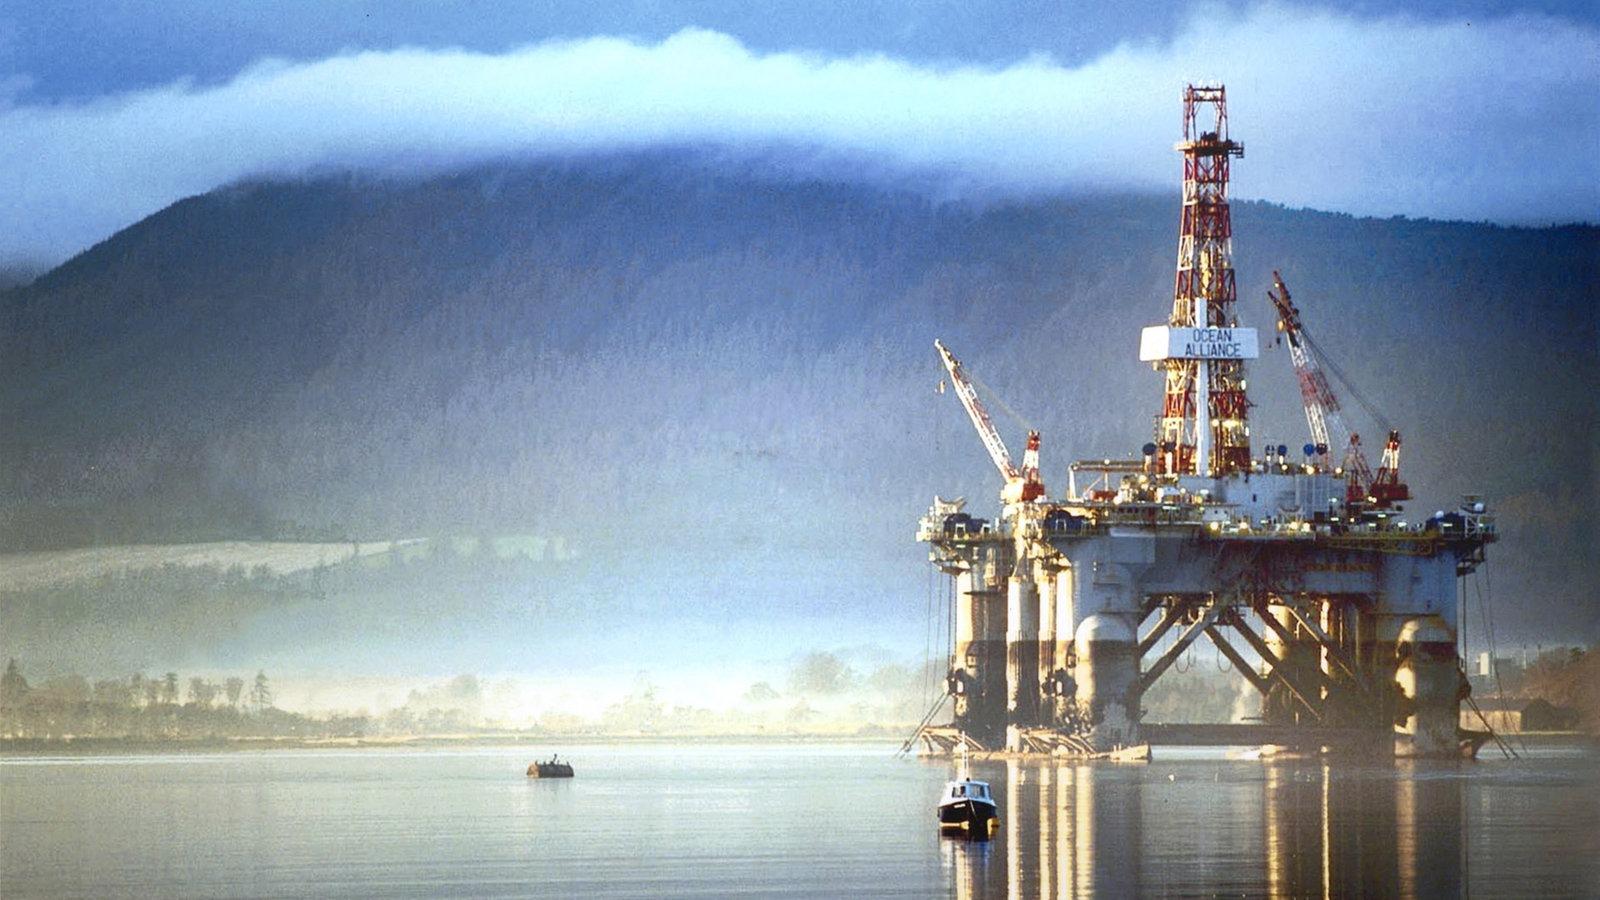 Die RohstoffWelt bietet Ihnen die ganze Welt der Rohstoffe. Hier erfahren Sie alles was man als Rohstoffinvestor für eine erfolgreiche Anlage wissen muss; von Alu bis Zink!